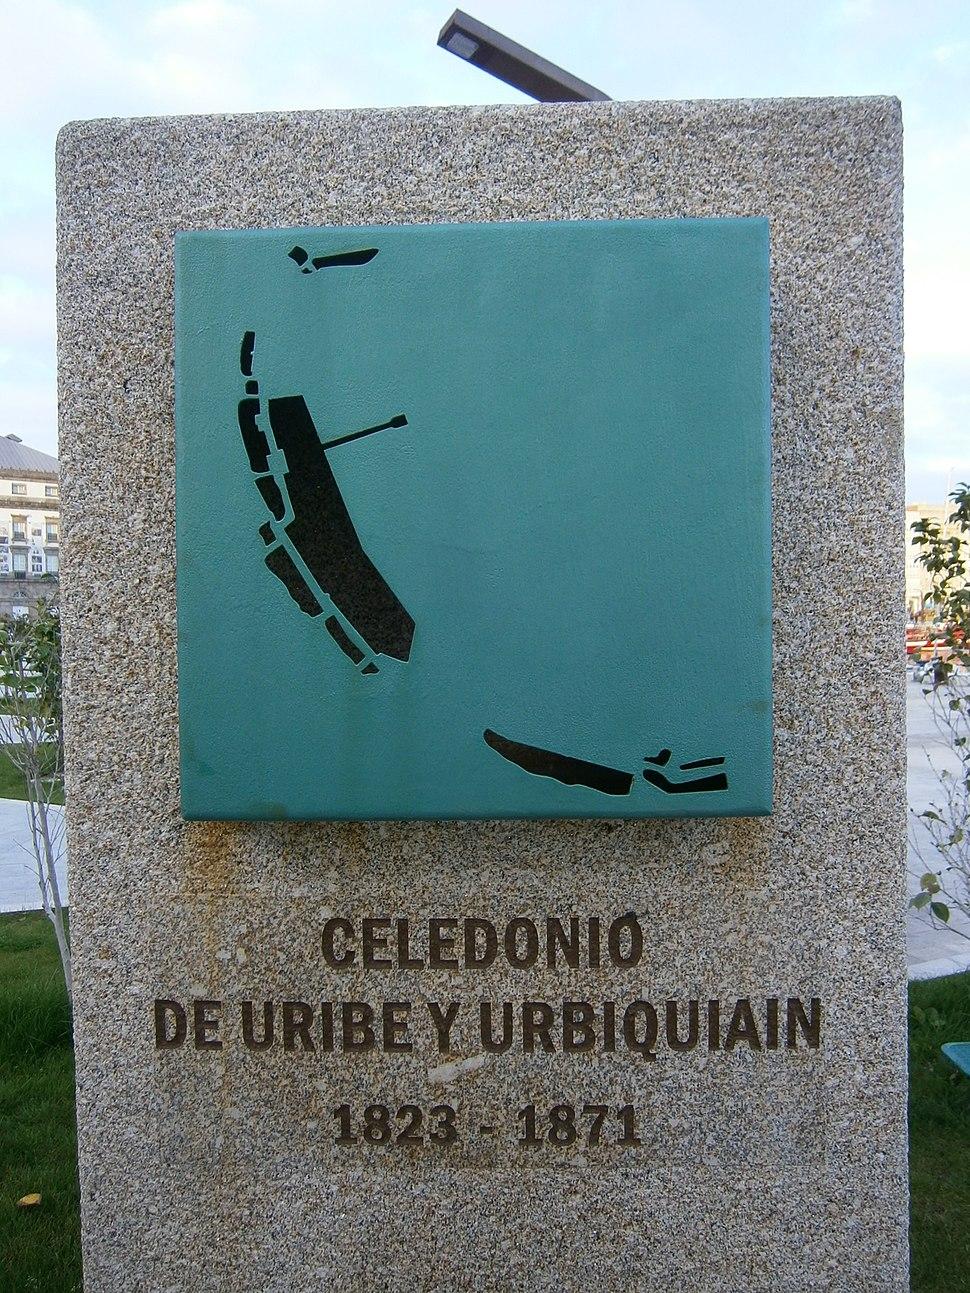 Porto - Celedonio de Uribe